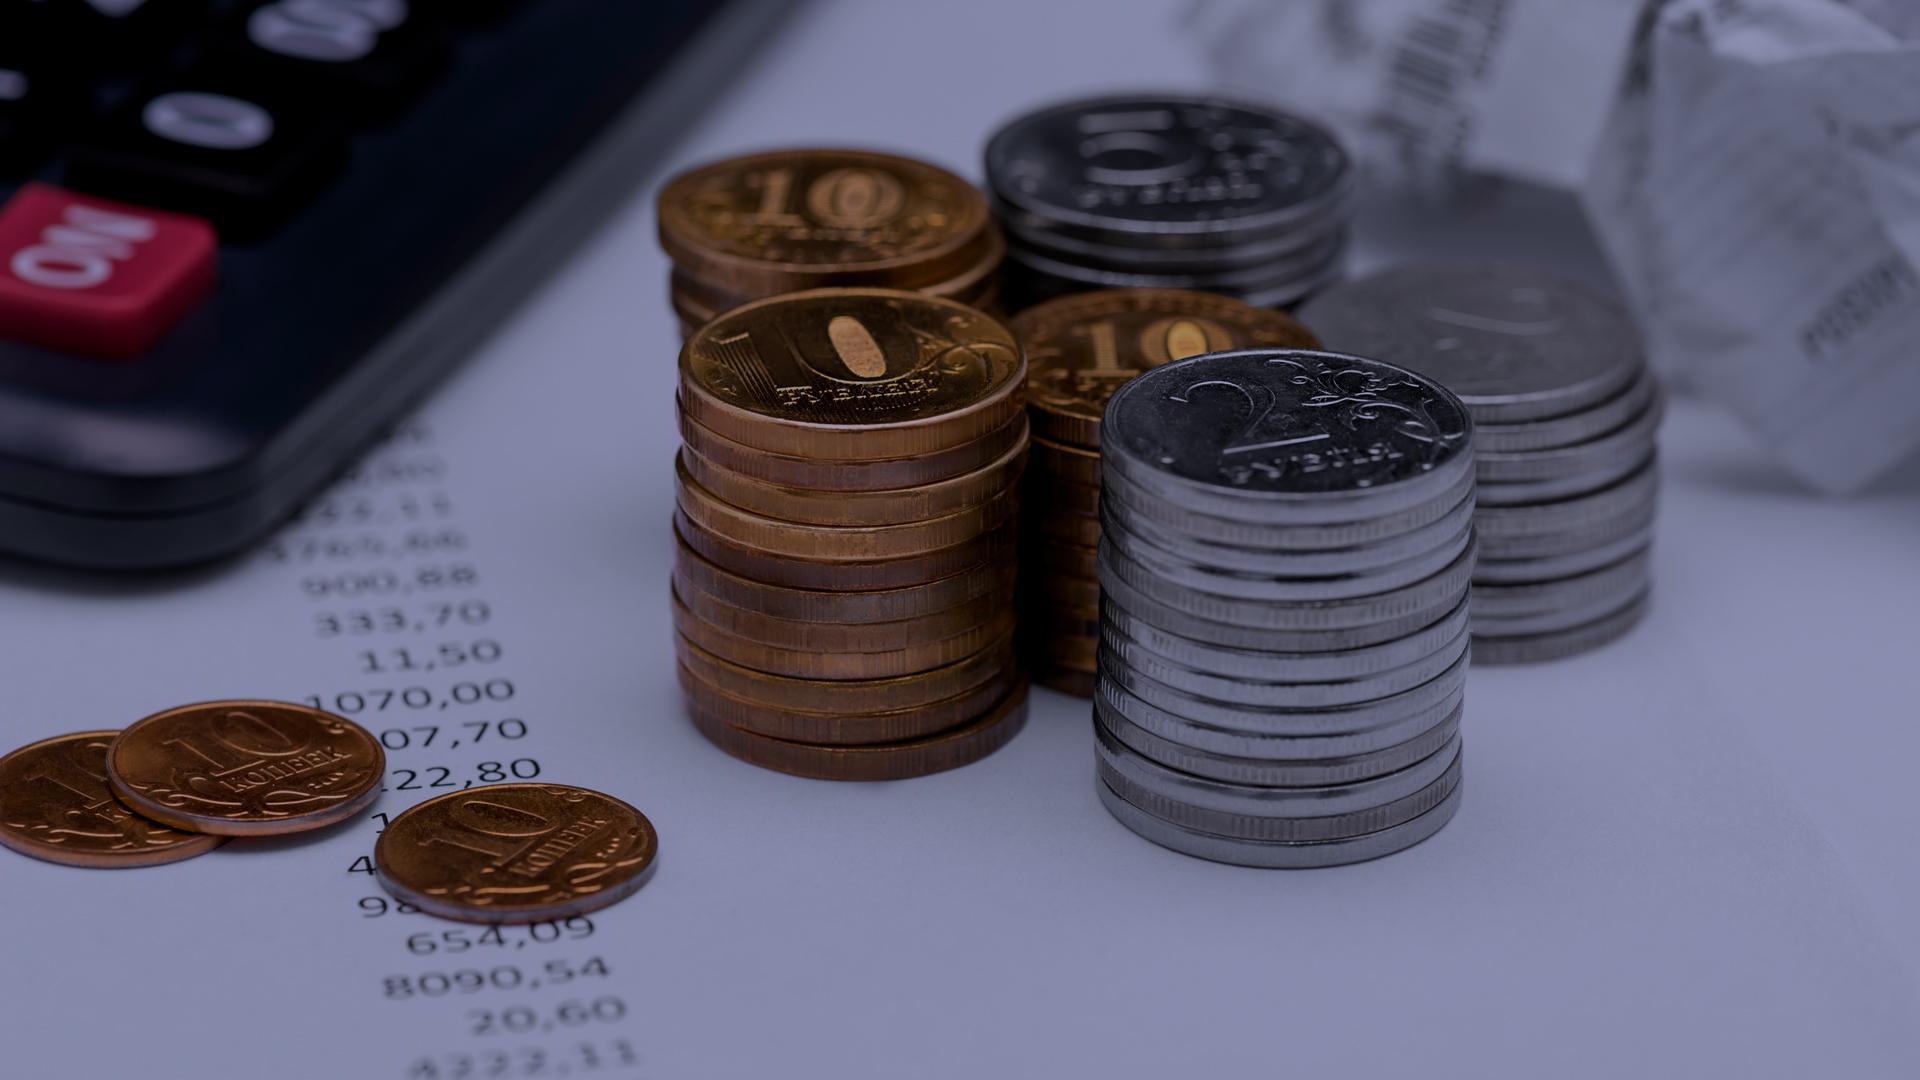 С 1 августа изменился порядок получения пособий. Какие выплаты выросли, а какие прекратились